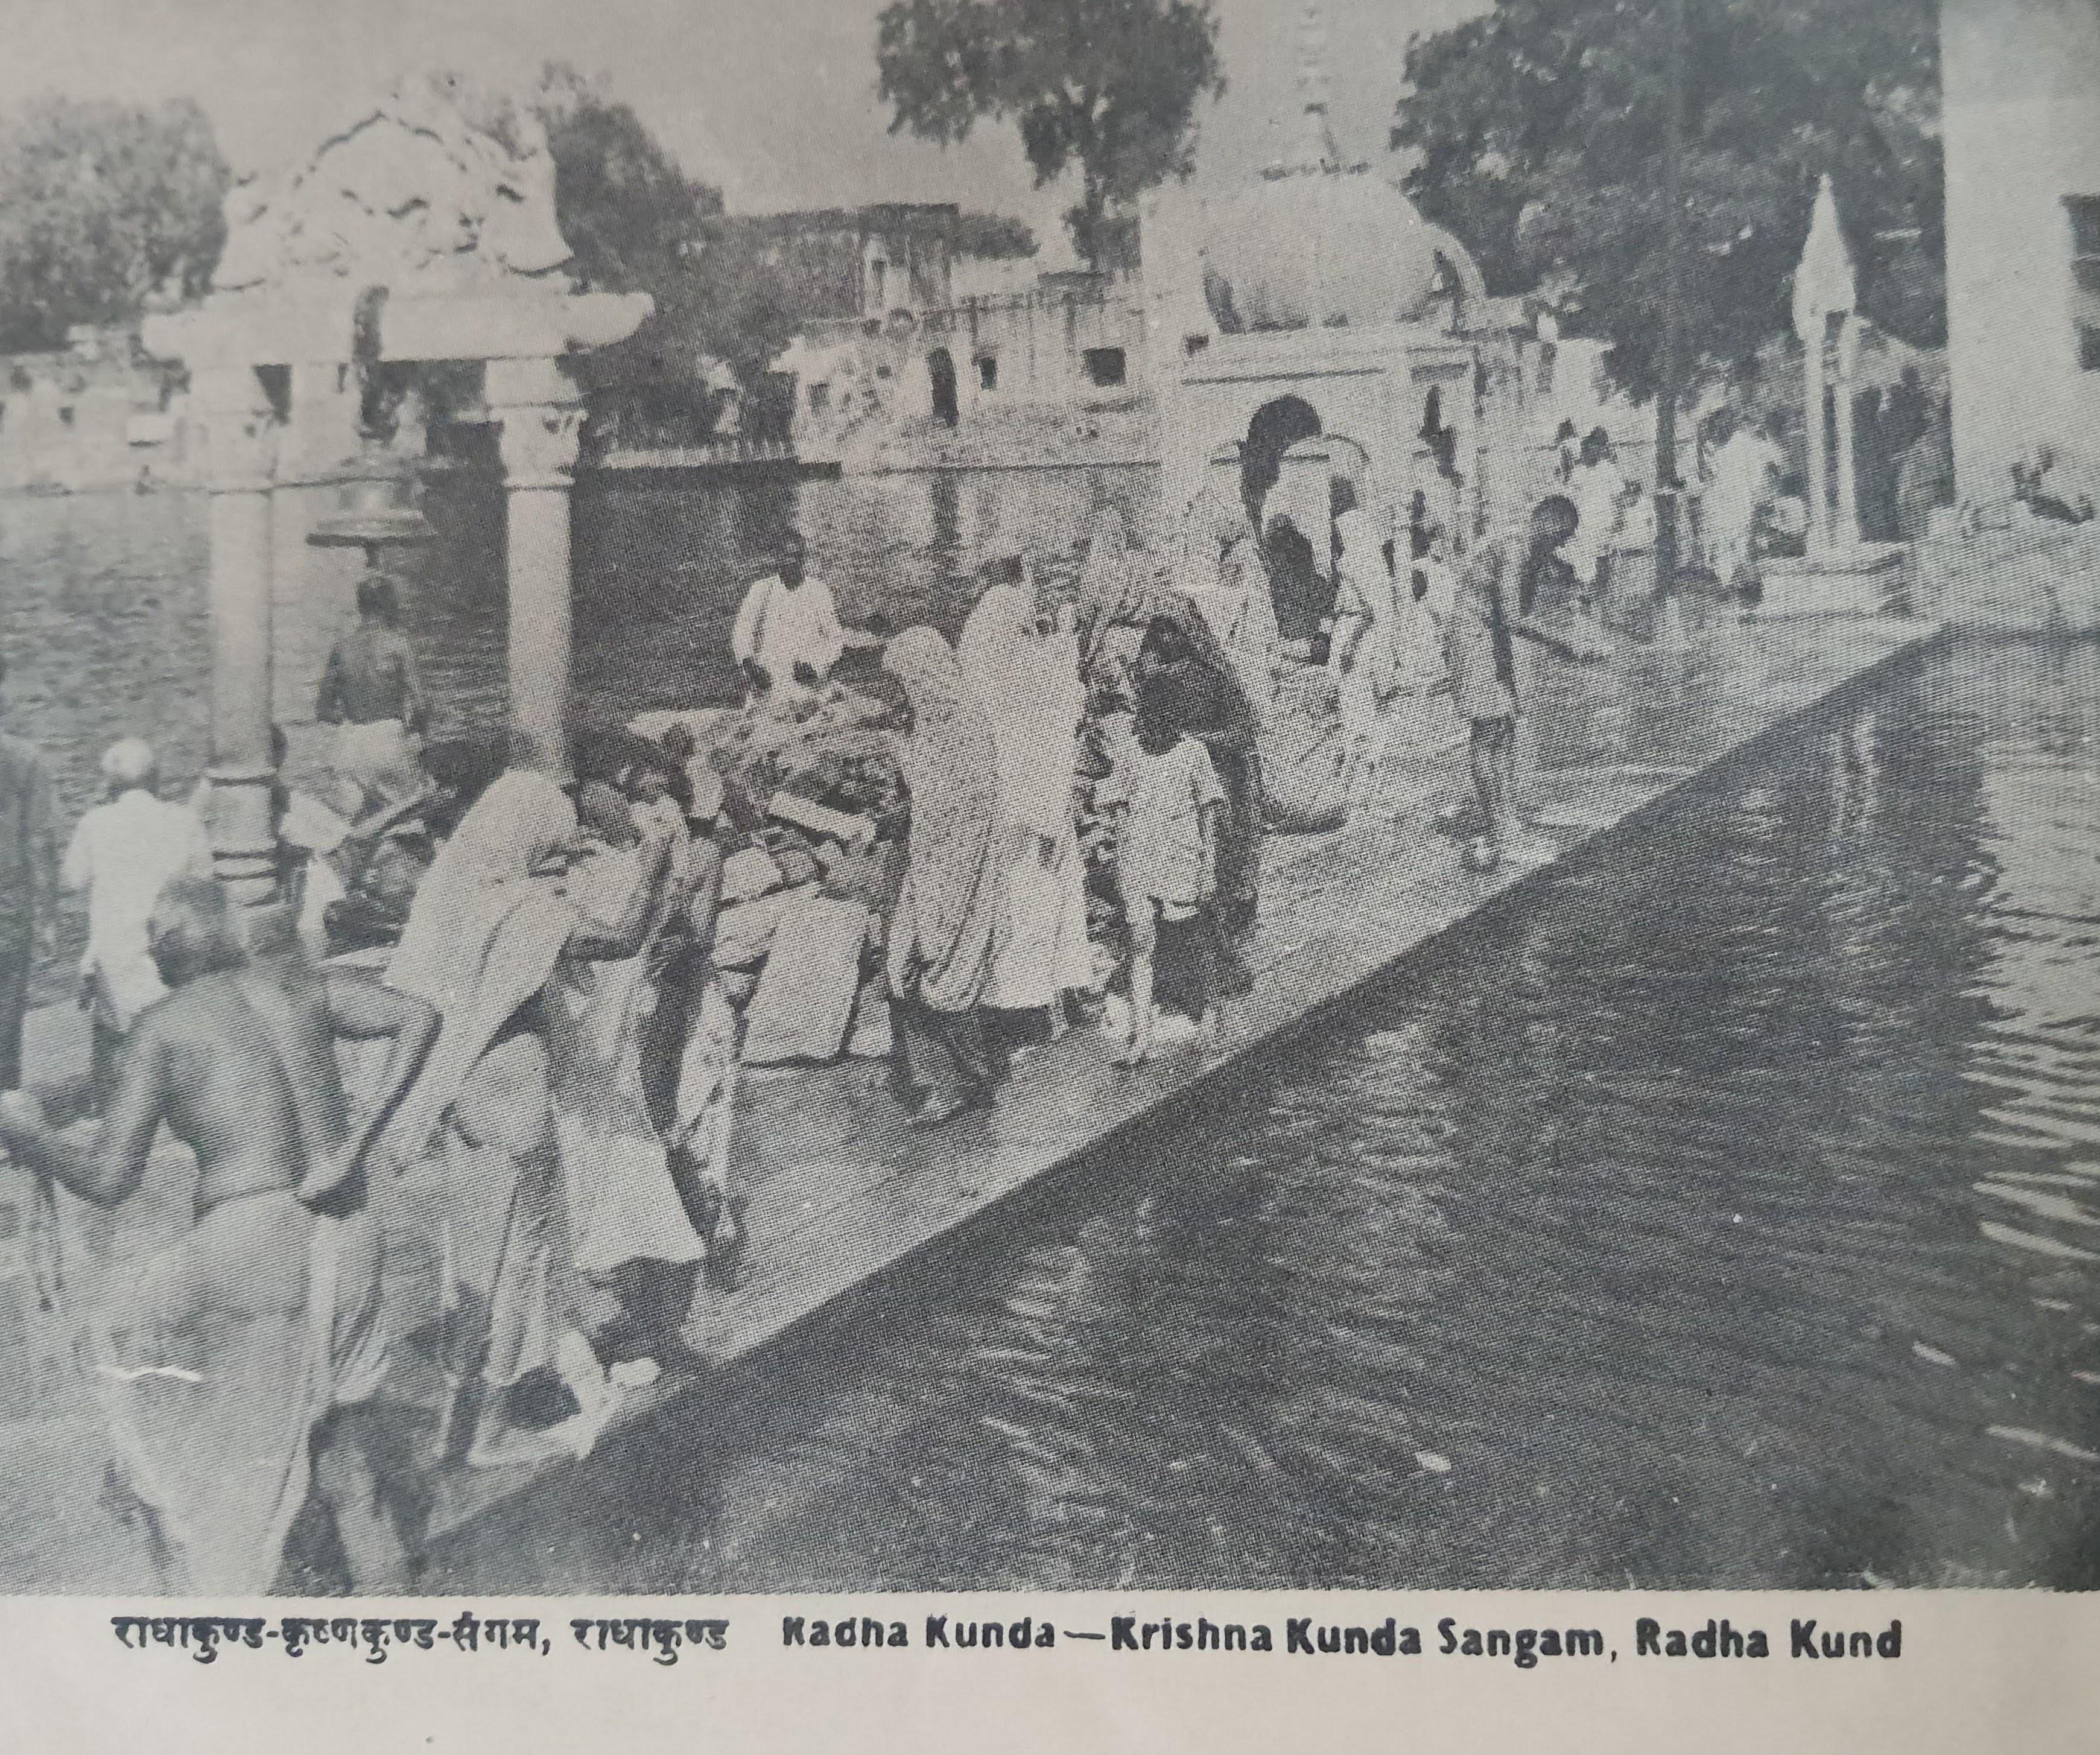 Old Photo of Radha Kund and Krishna Kund Sangam at Radha Kunda Braj.